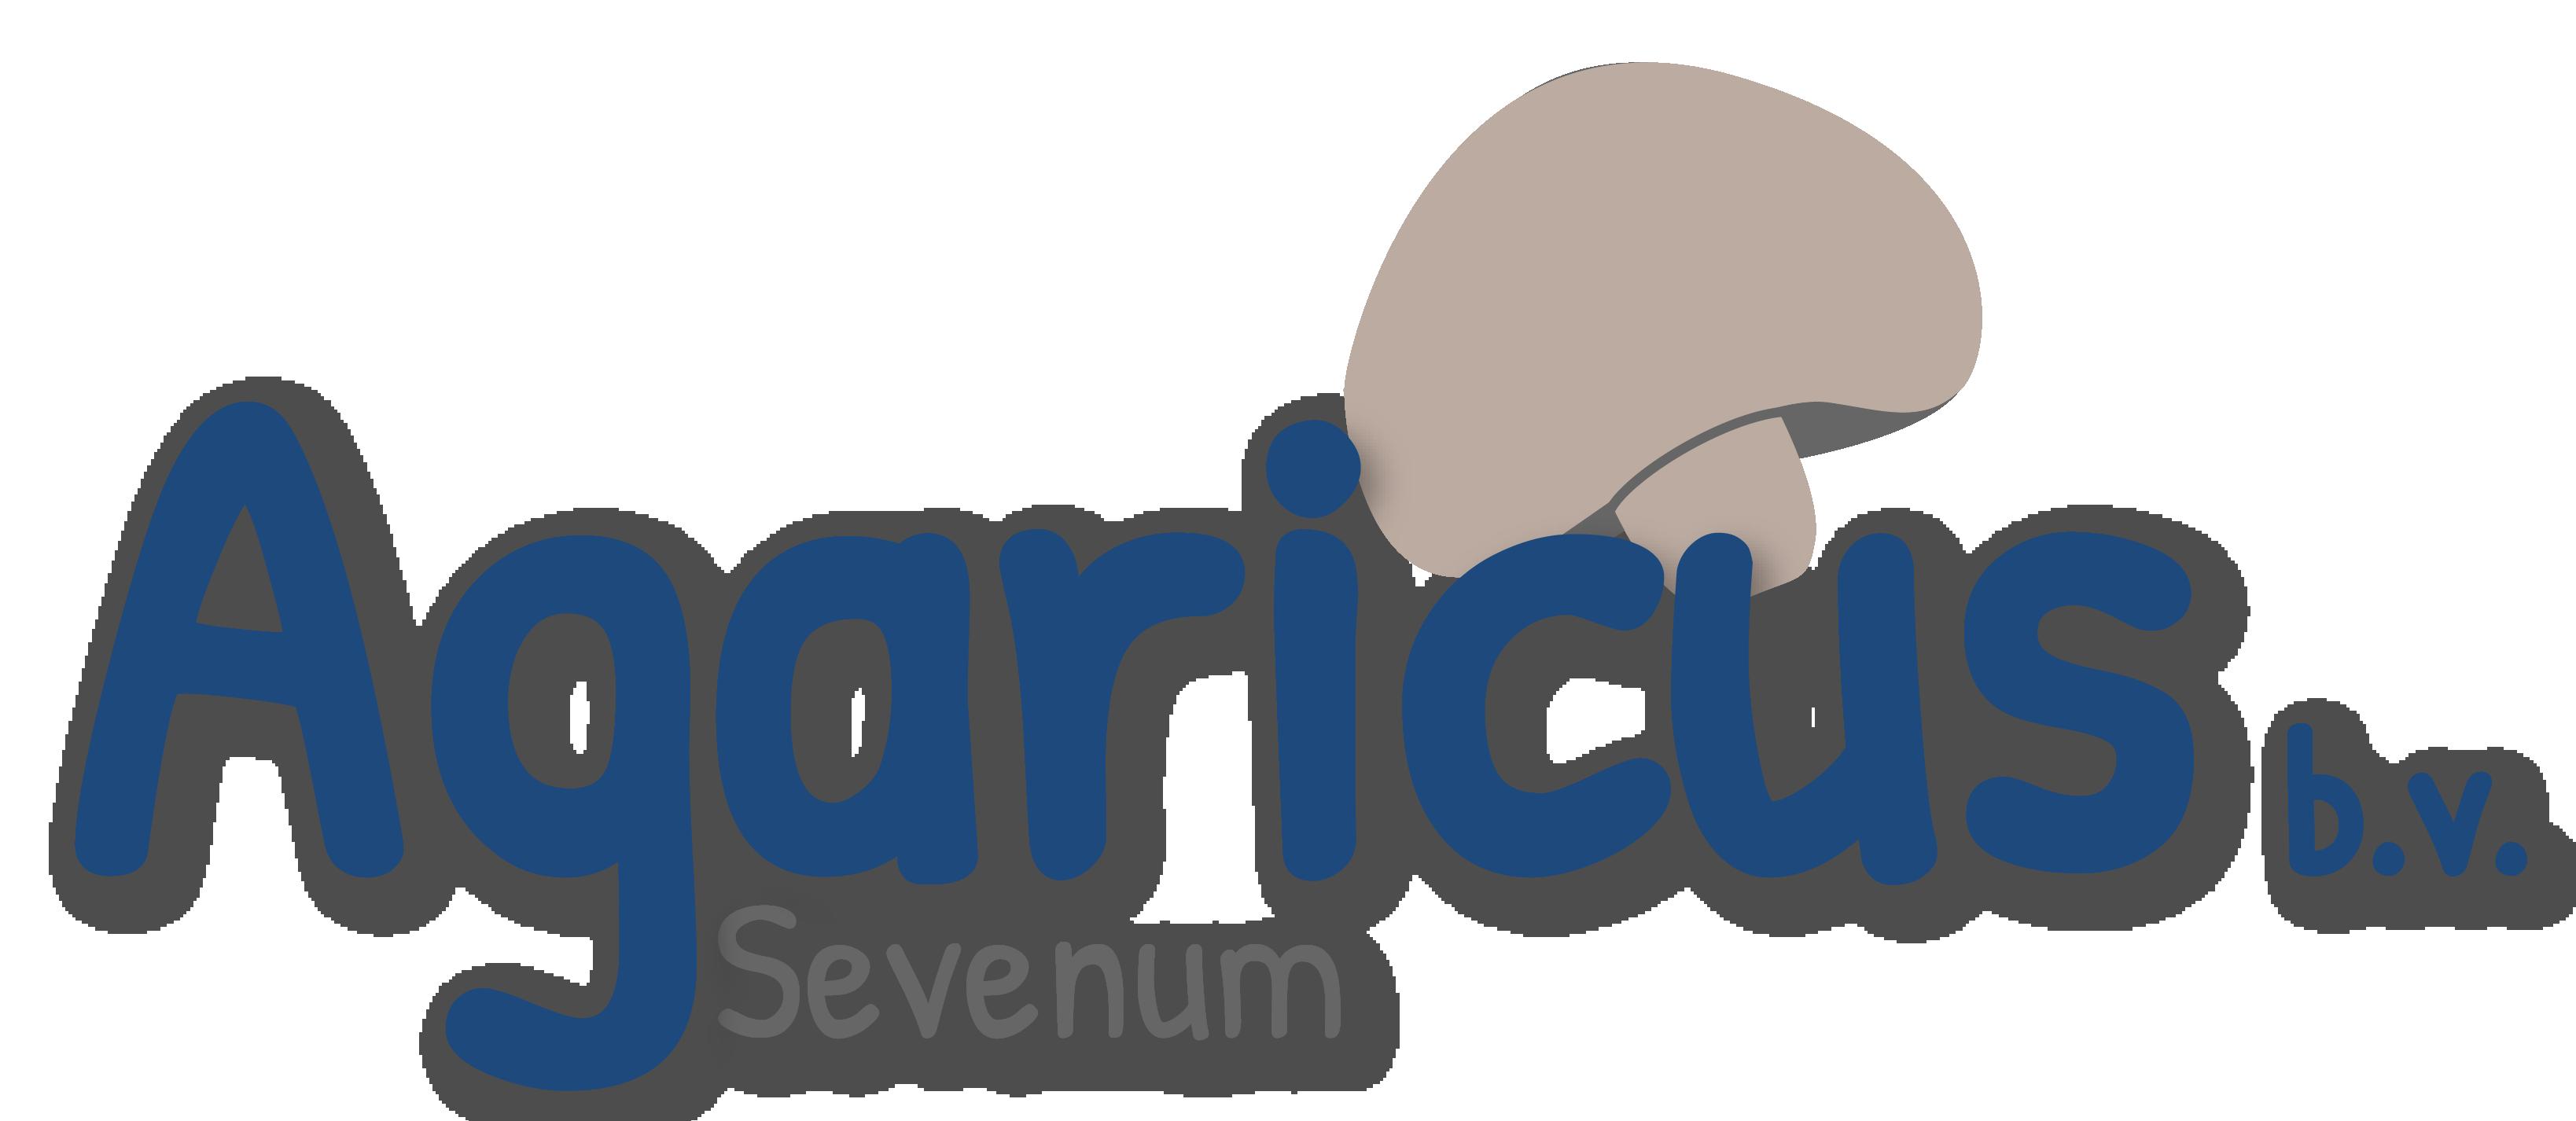 Logo Agaricus b.v. Sevenum - Paddenstoelenkwekerij.